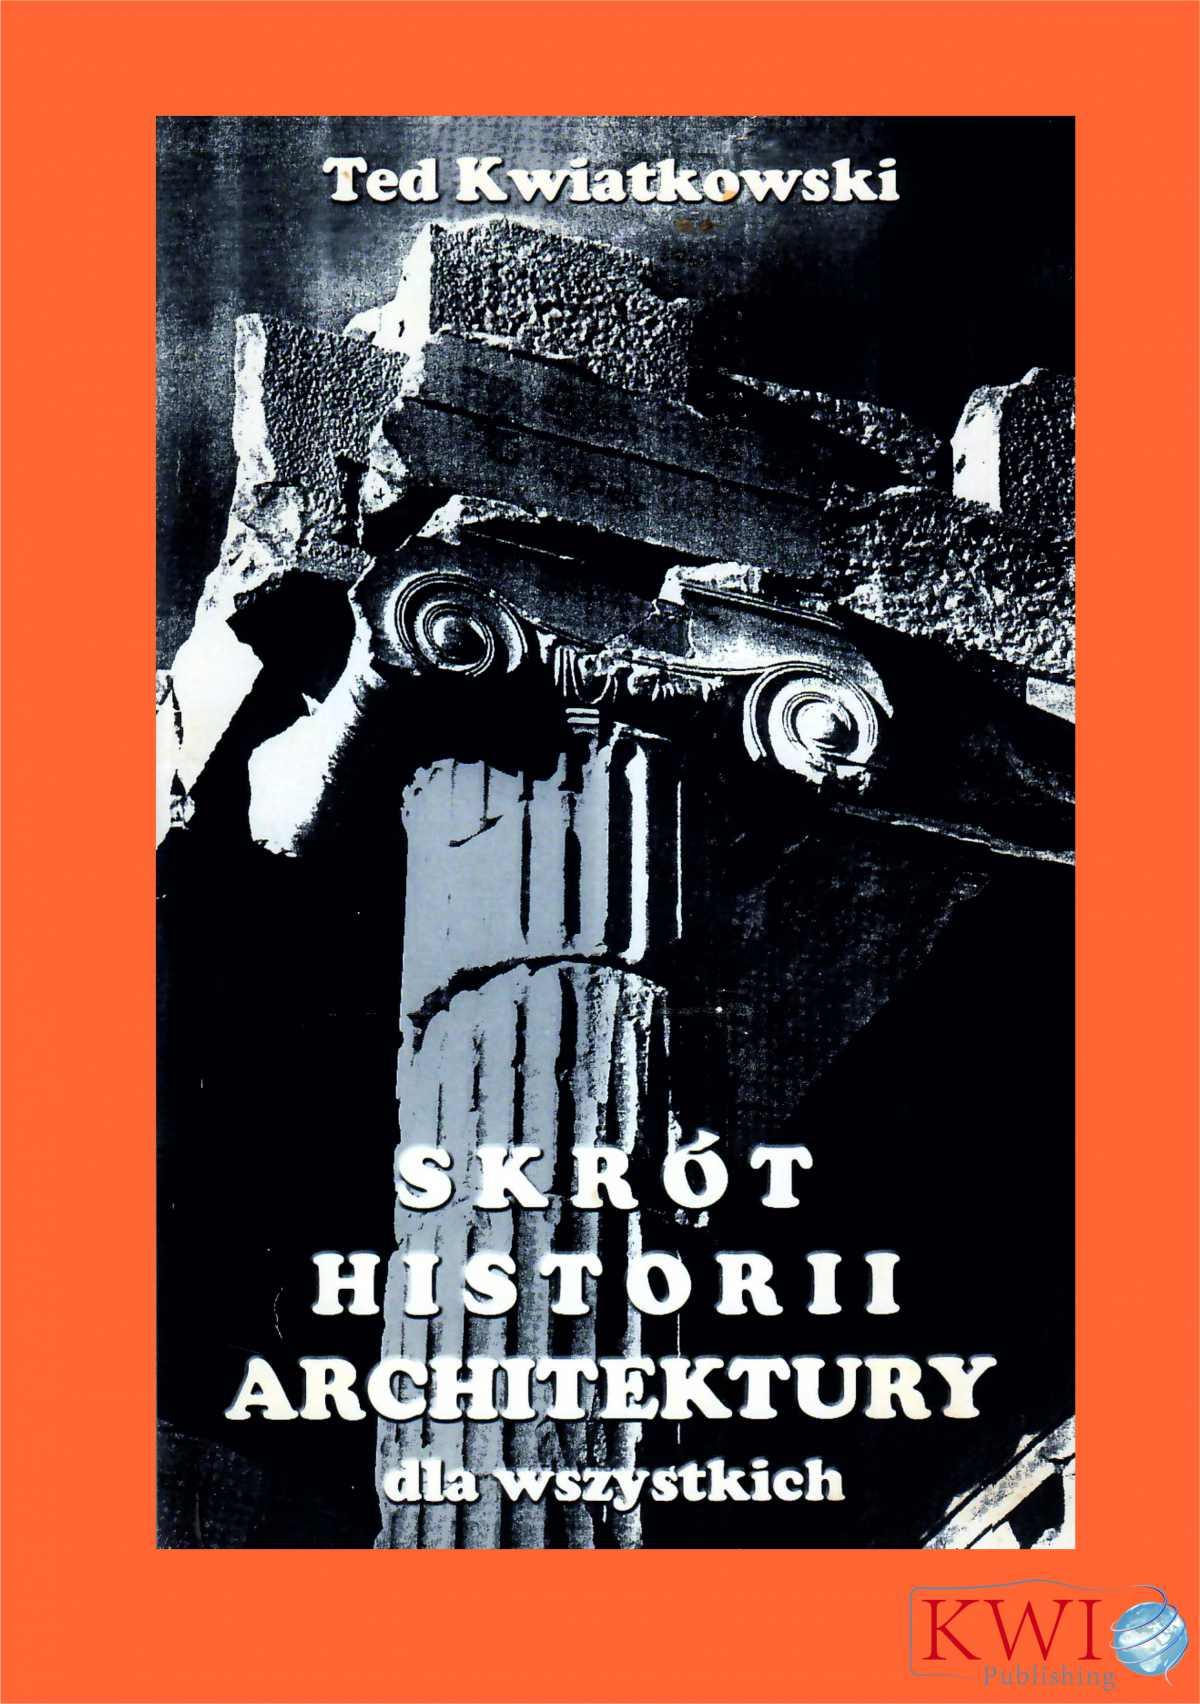 Skrót historii architektury dla wszystkich - Ebook (Książka PDF) do pobrania w formacie PDF